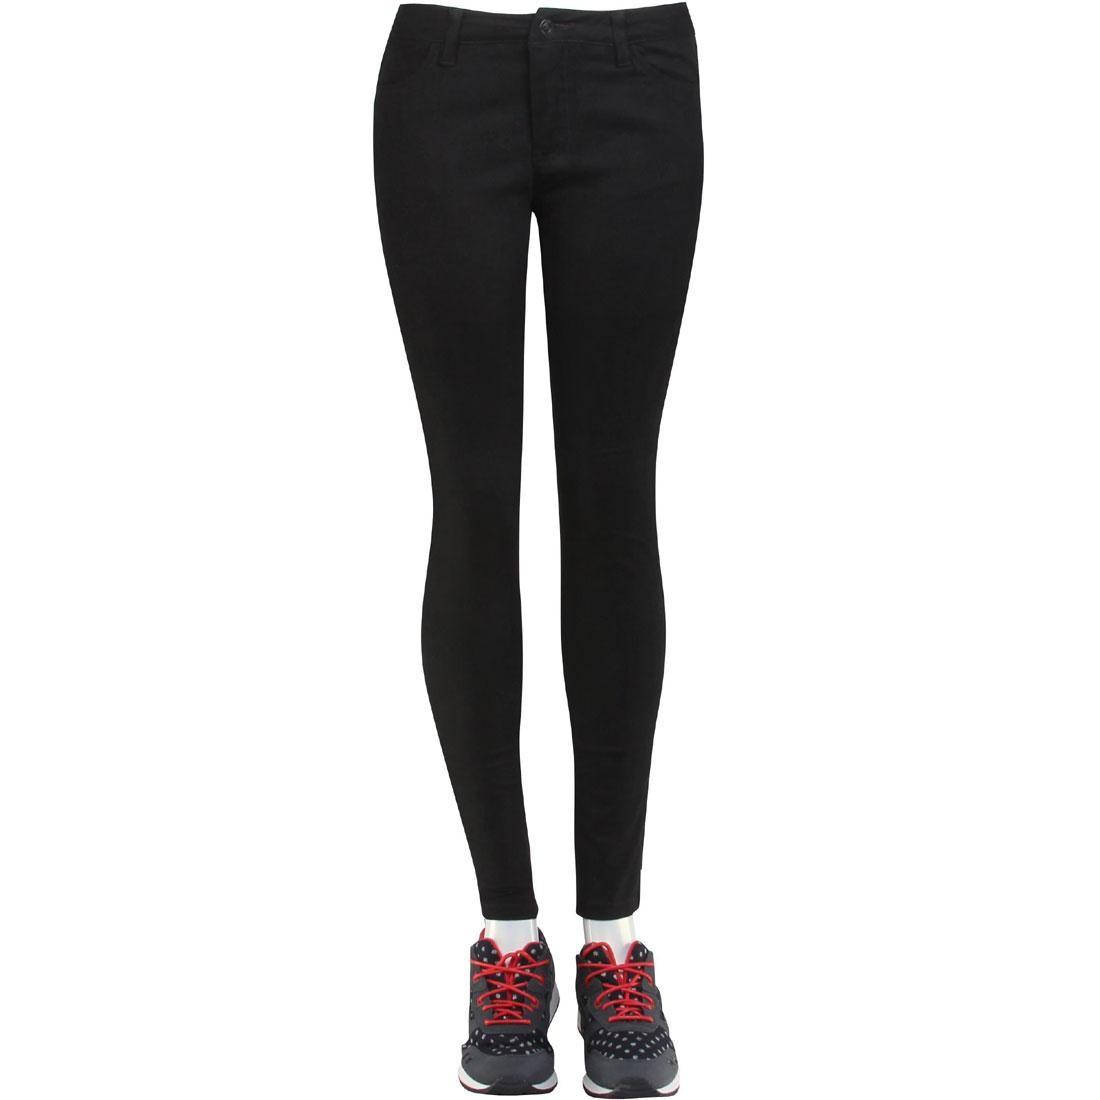 BAIT Women Skinny Jeans (black)